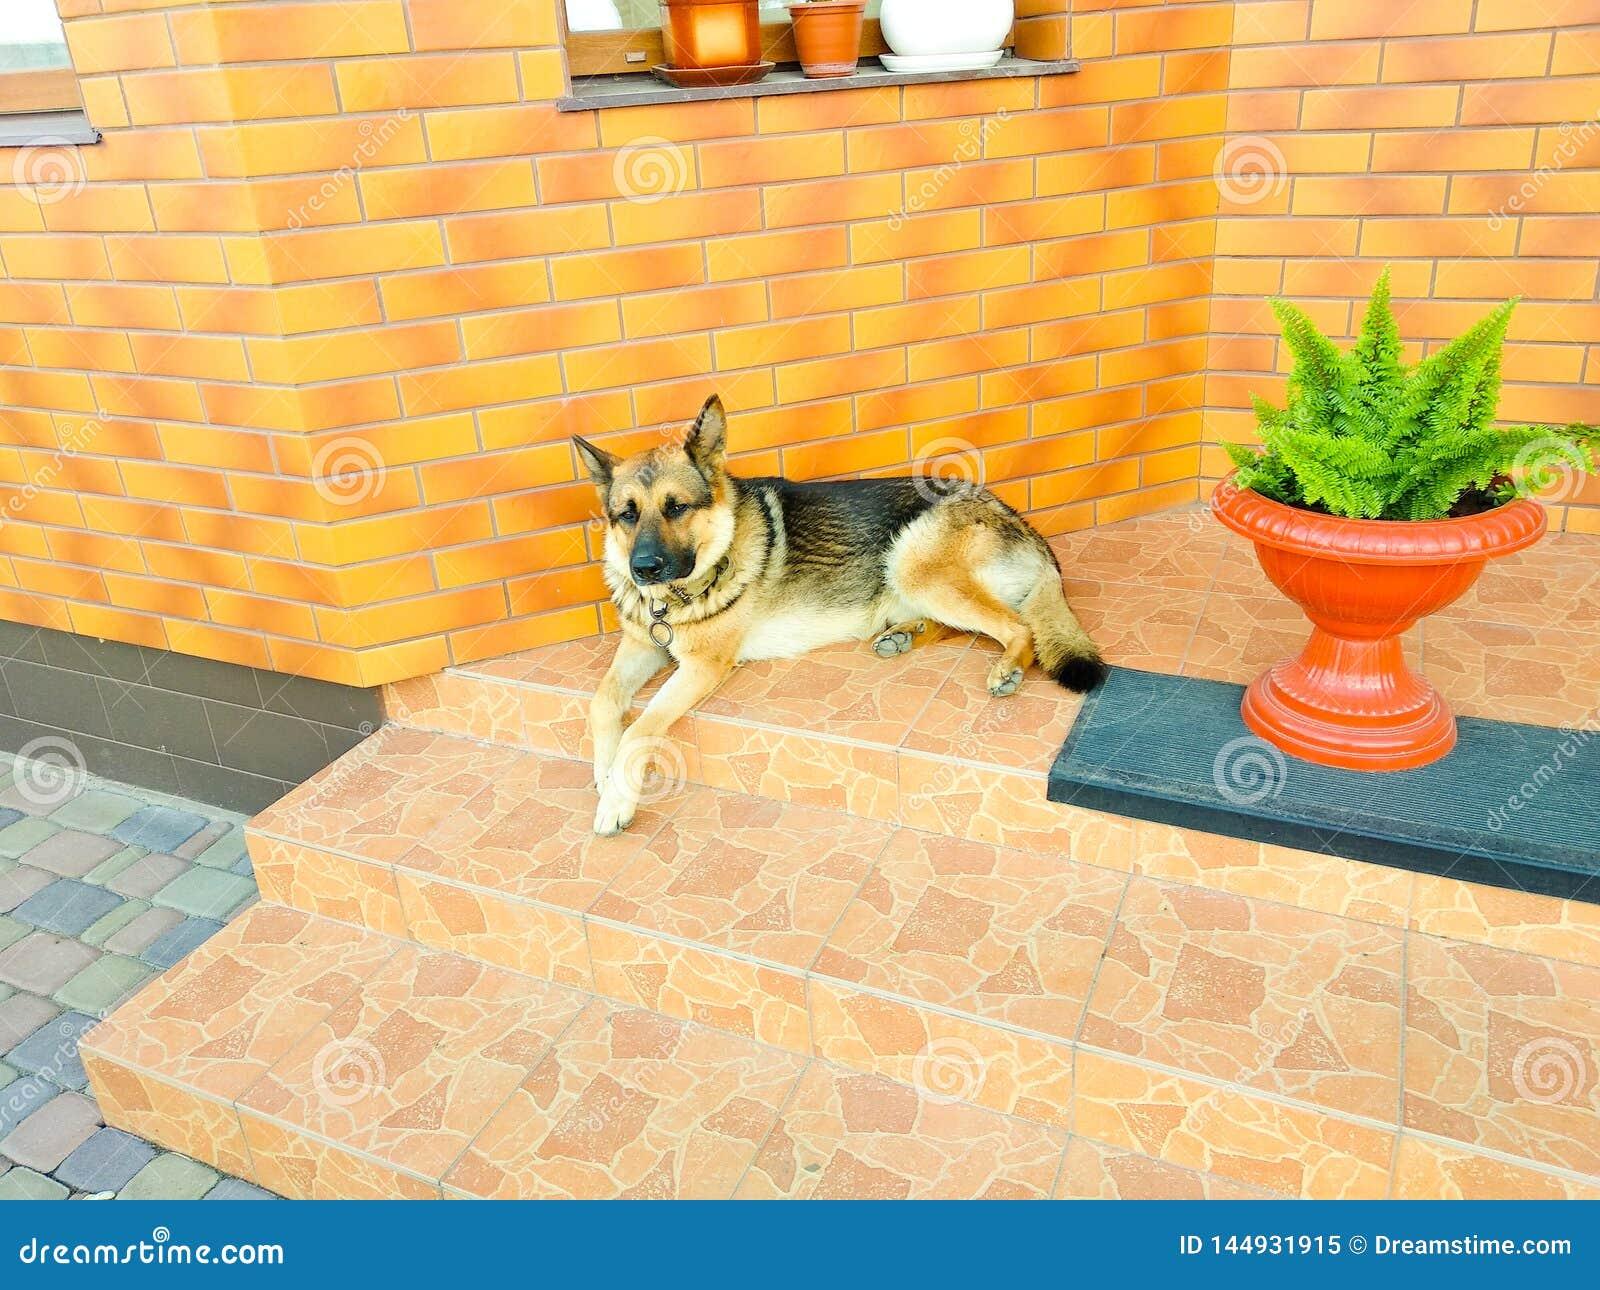 Cane da pastore tedesco che si trova sulle guardie delle scale una casa privata un giorno soleggiato